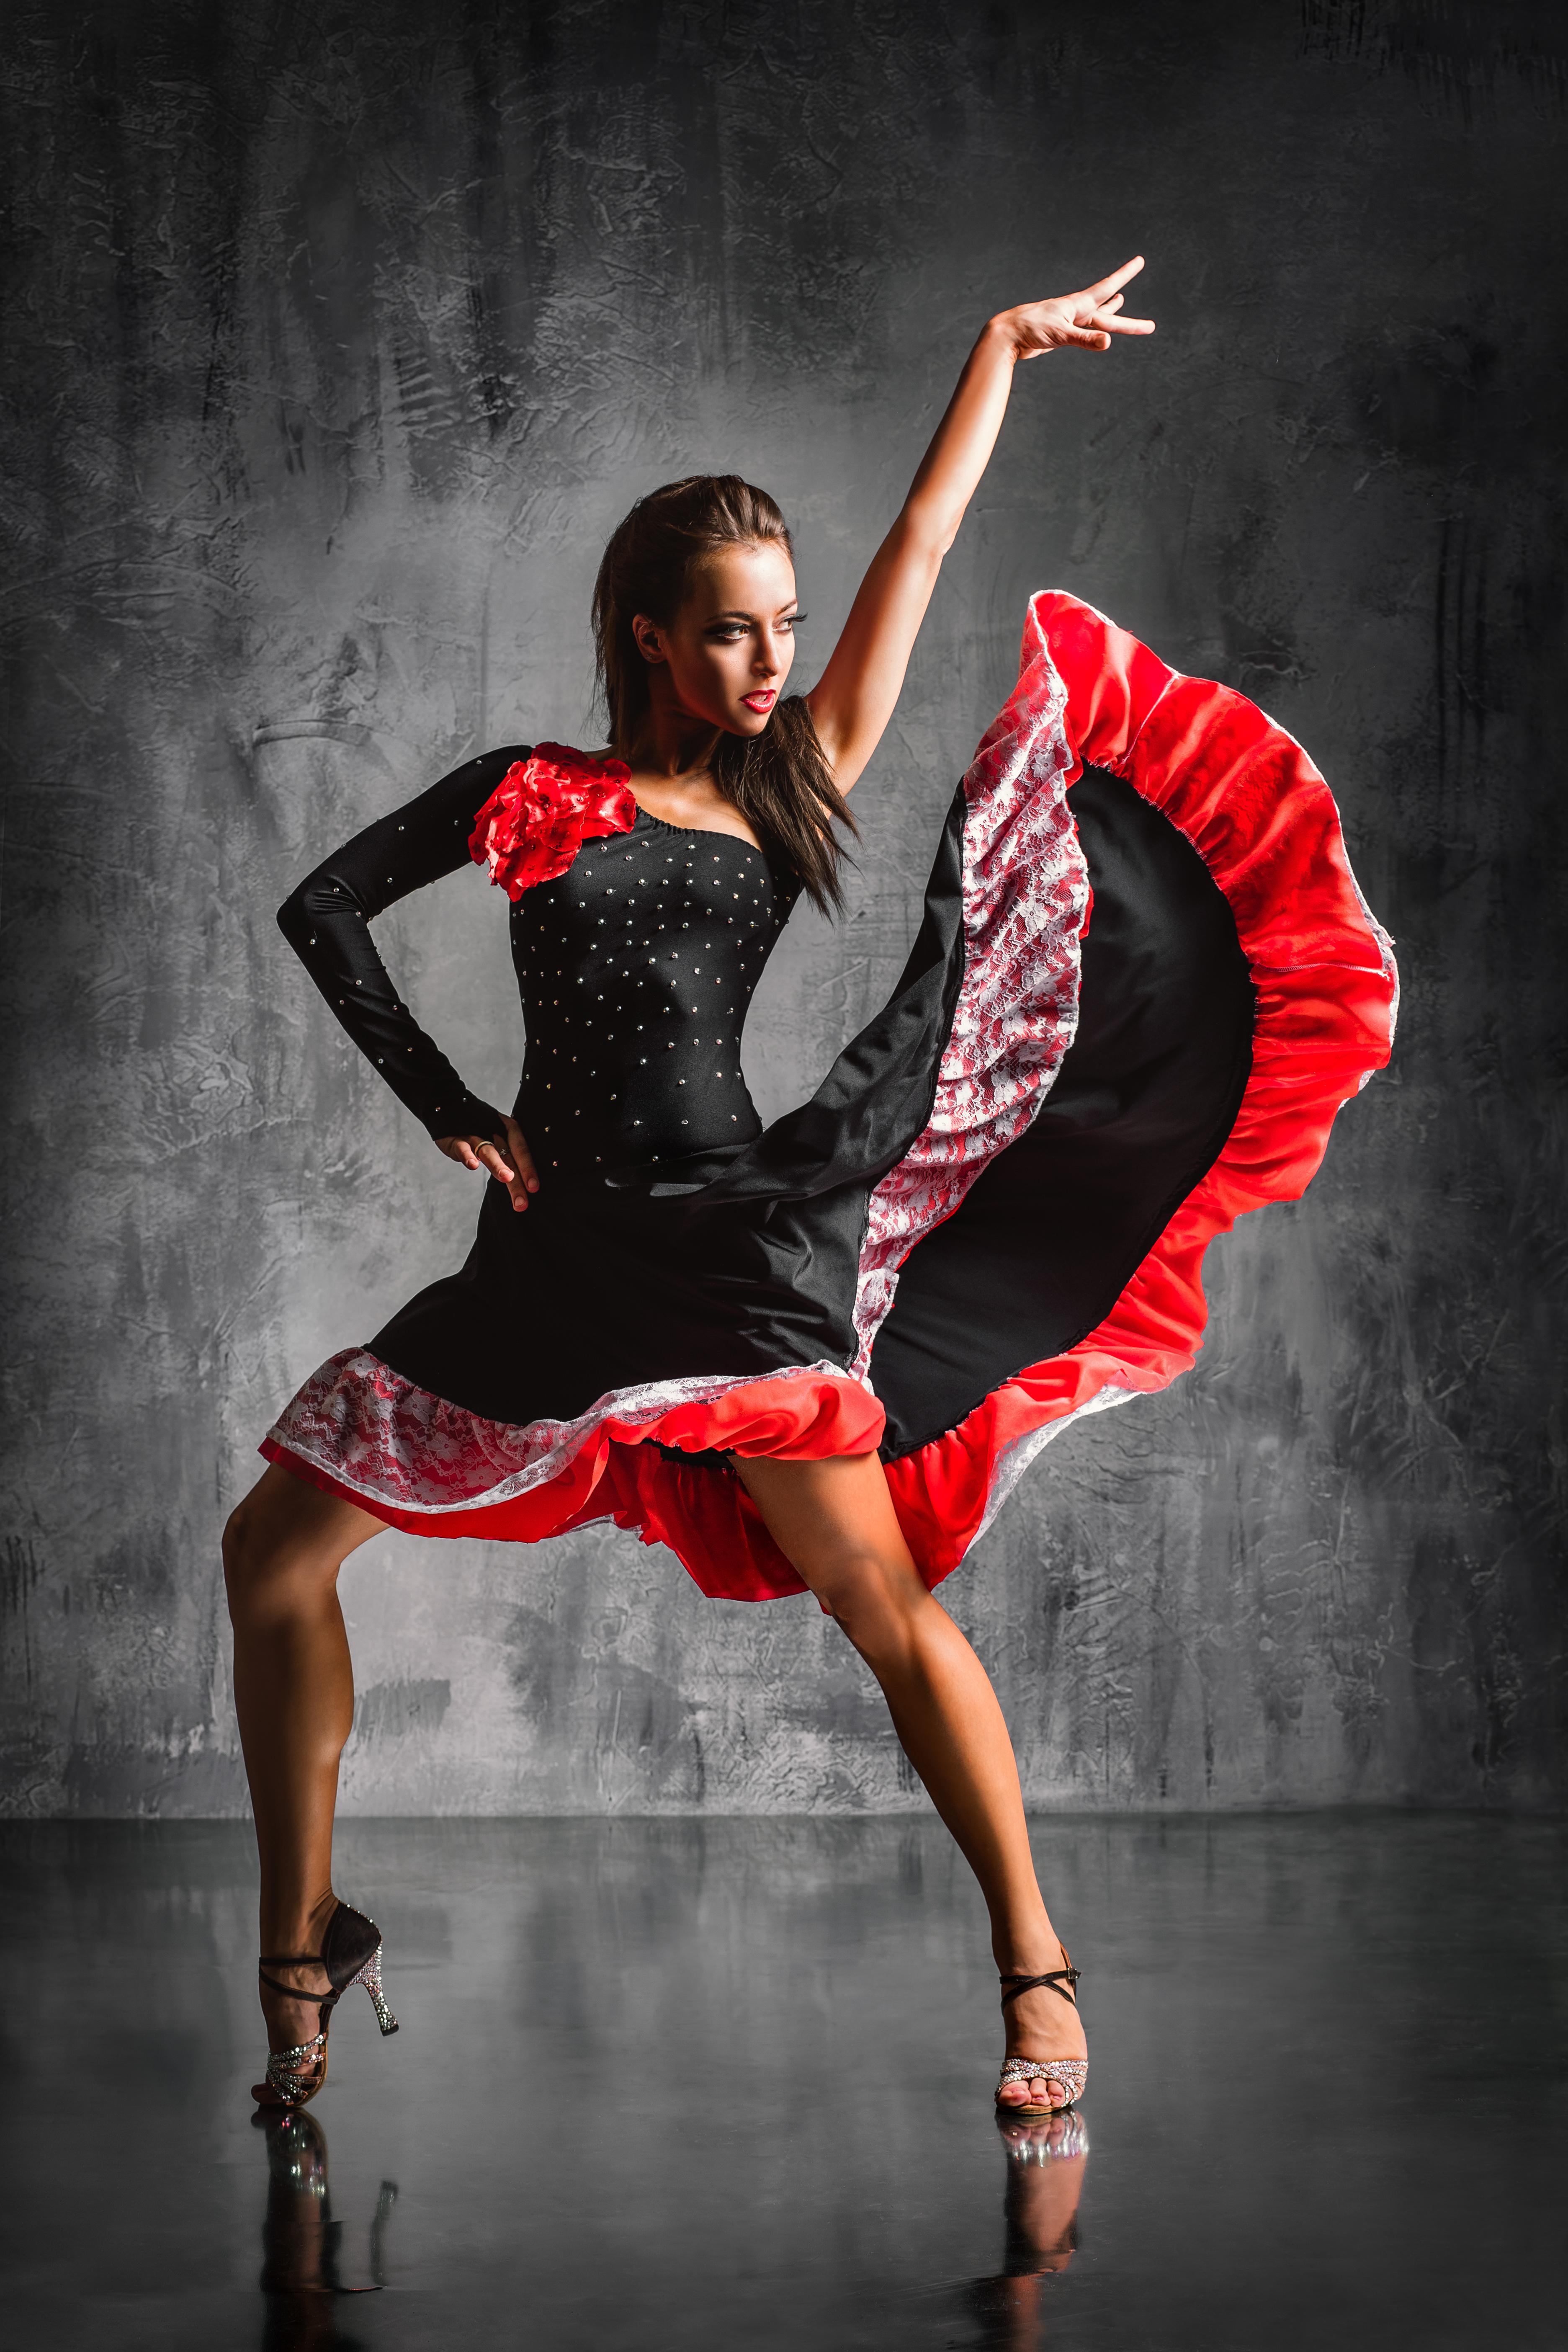 Хастл, зук, аргентинское танго, латина-соло, женская пластика за 4,75 руб./занятие